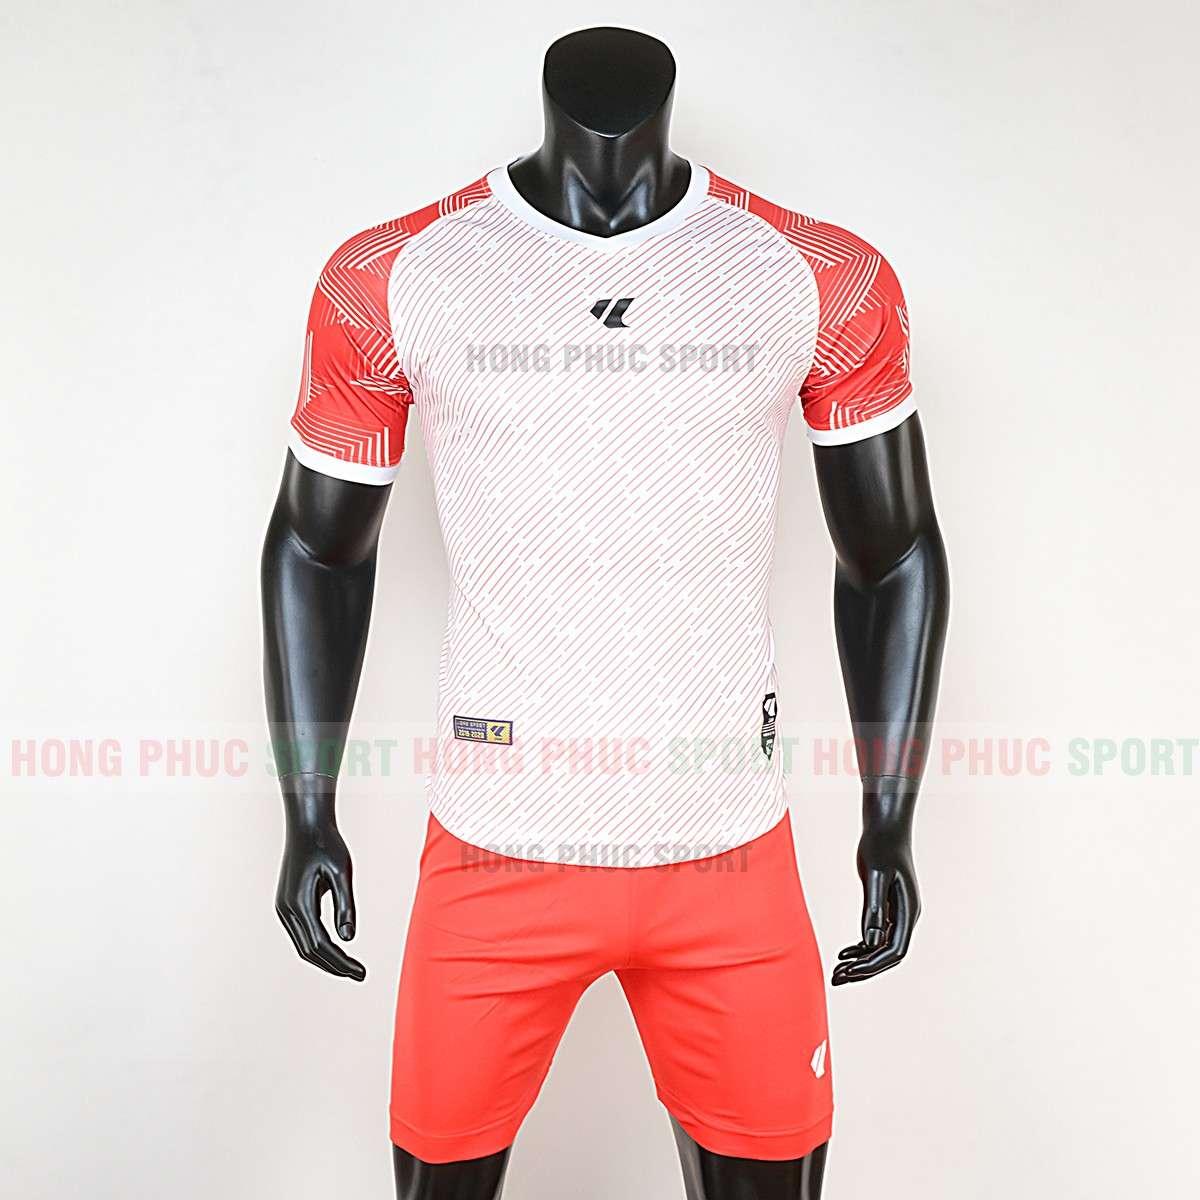 Áo bóng đá không logo Lidas Wariors 2020 màu trắng cam